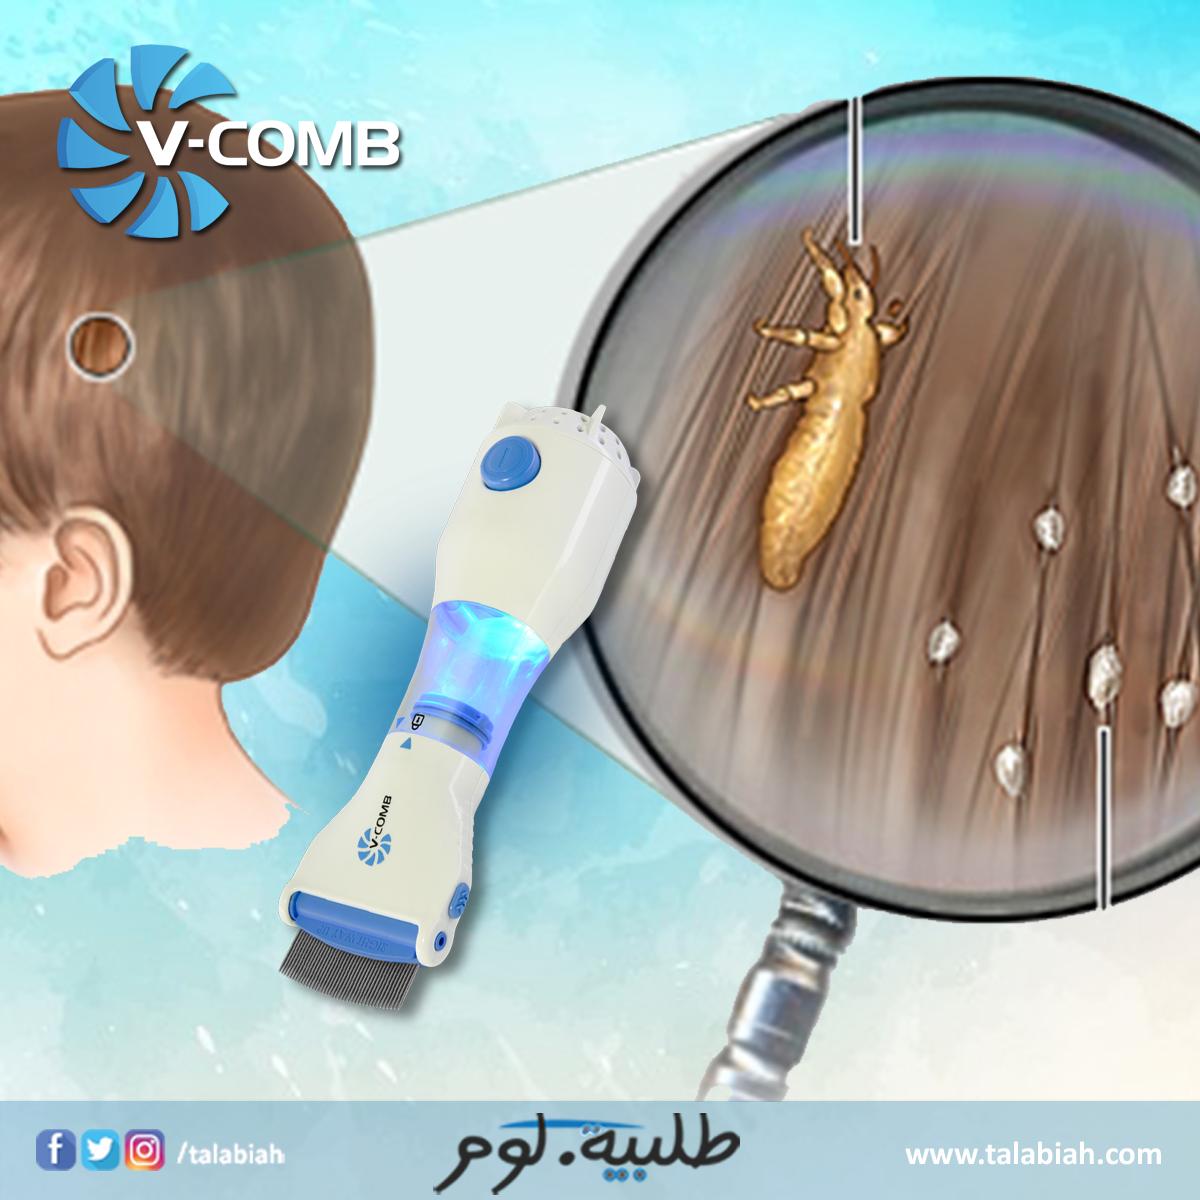 إذا تم التخلص من القمل ذلك لا يعني أن توقف عملية العلاج يجب التأكد من عدم وجوده مرة شهريا بواسطة جهاز في كومب Head Louse Ants Pizza Cutter